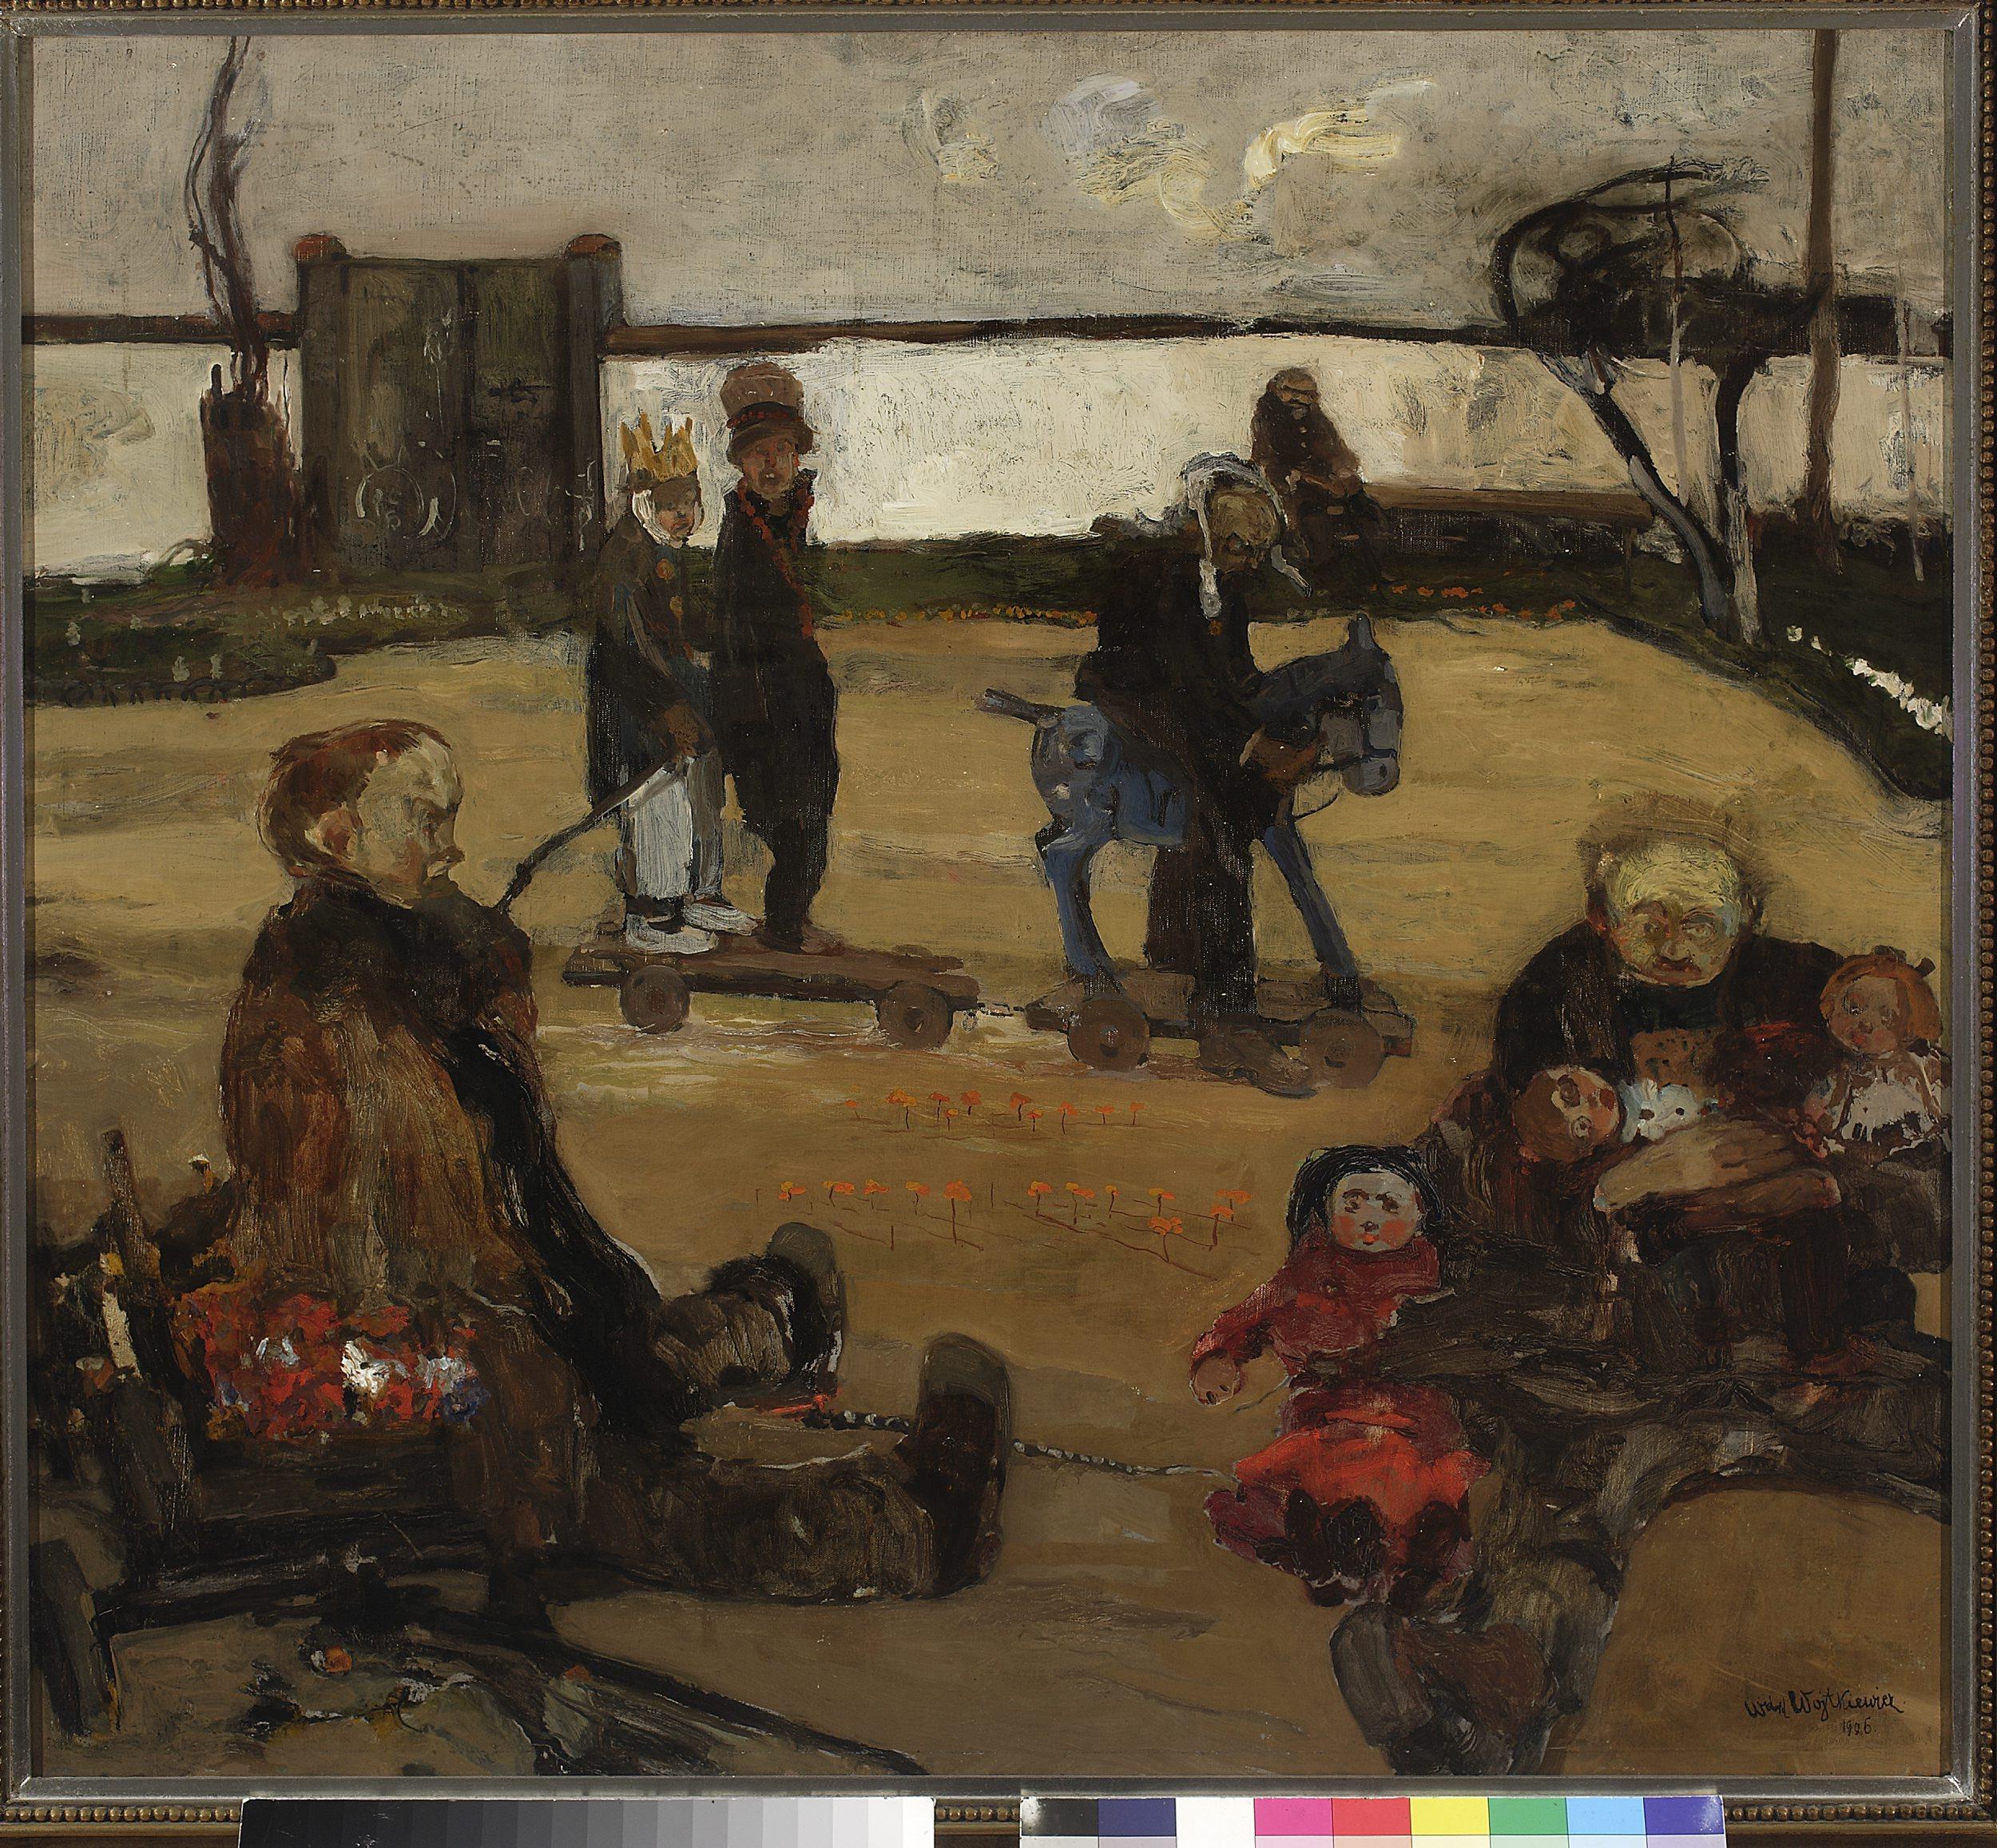 """Witold Wojtkiewicz, """"Cyrk wariatów"""" z cyklu """"Obłęd"""", 1906, Muzeum Narodowe w Warszawie"""